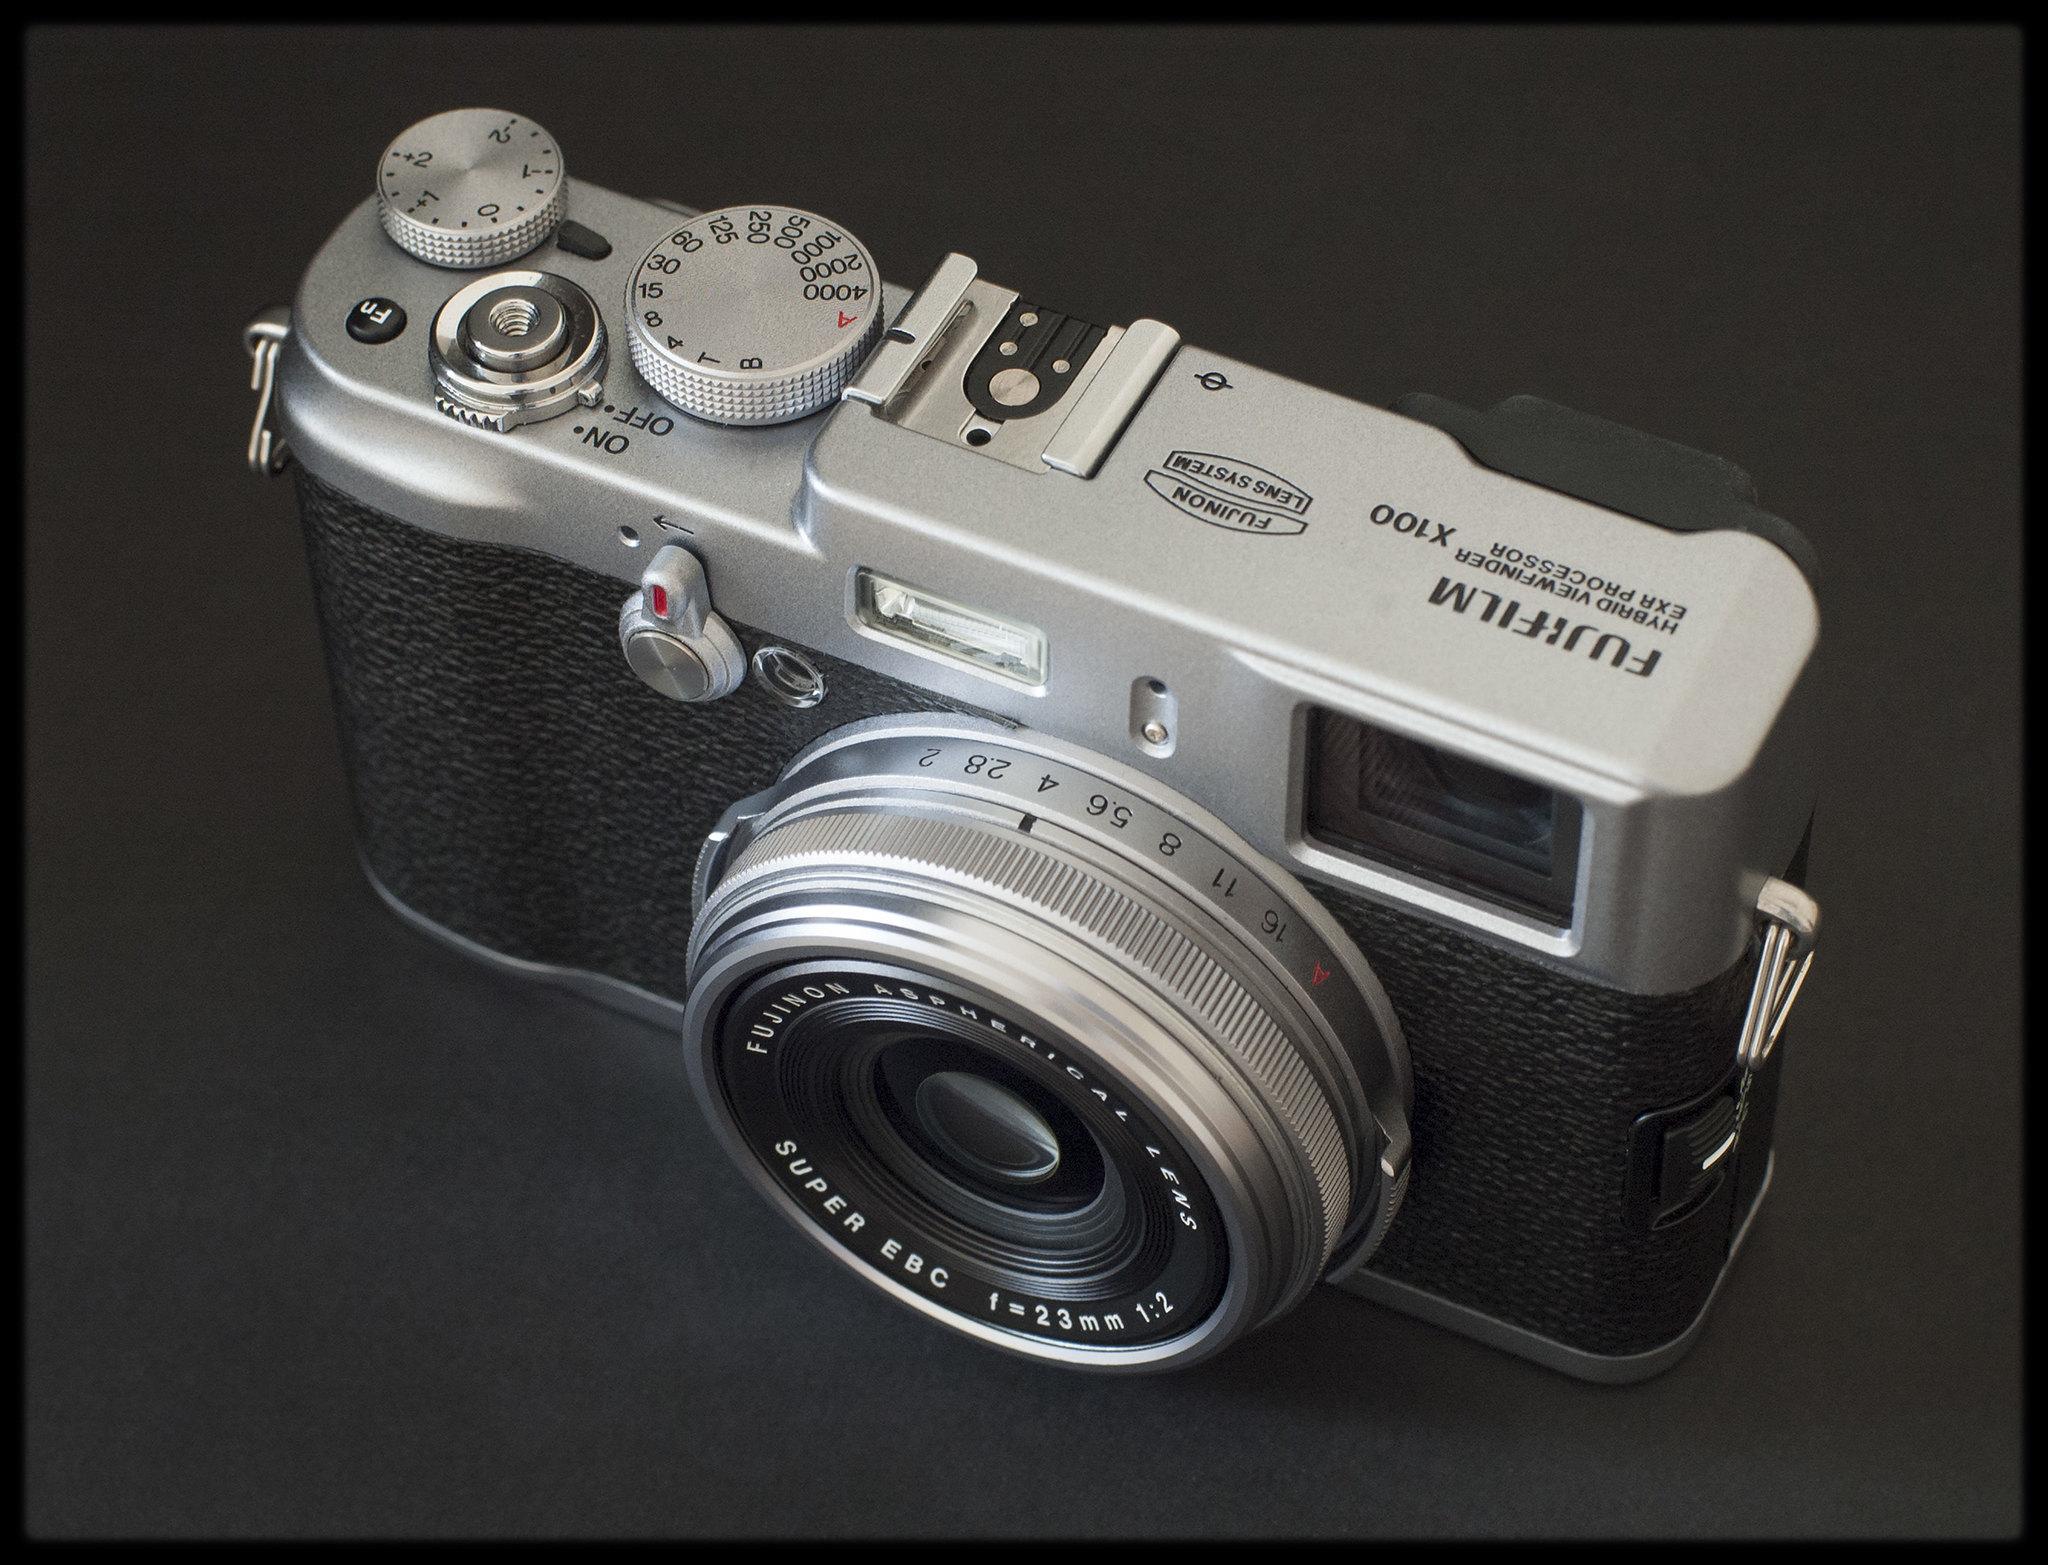 Infra-Edd: Cameras - Fuji X100 & The Hoya R72 Filter